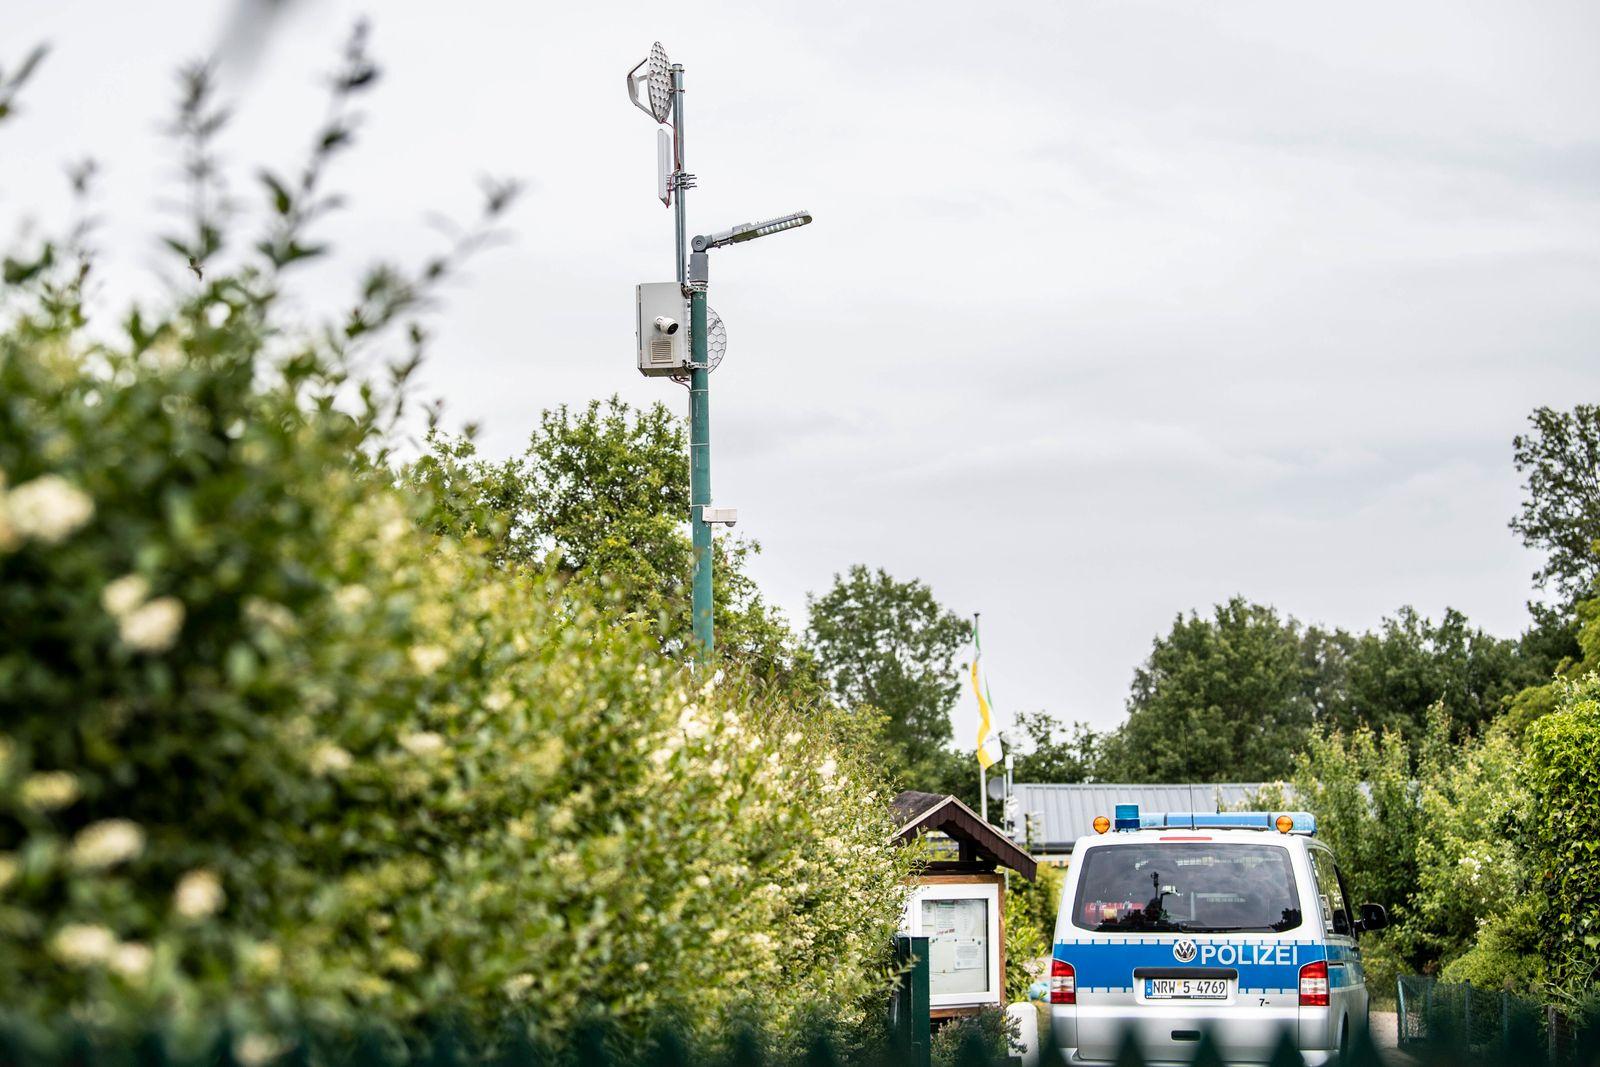 Kindesmissbrauch in Münster Gesellschaft: Kriminalität, Prozesse. An einem Lichtmast hängt eine Videokamera zur Überwac